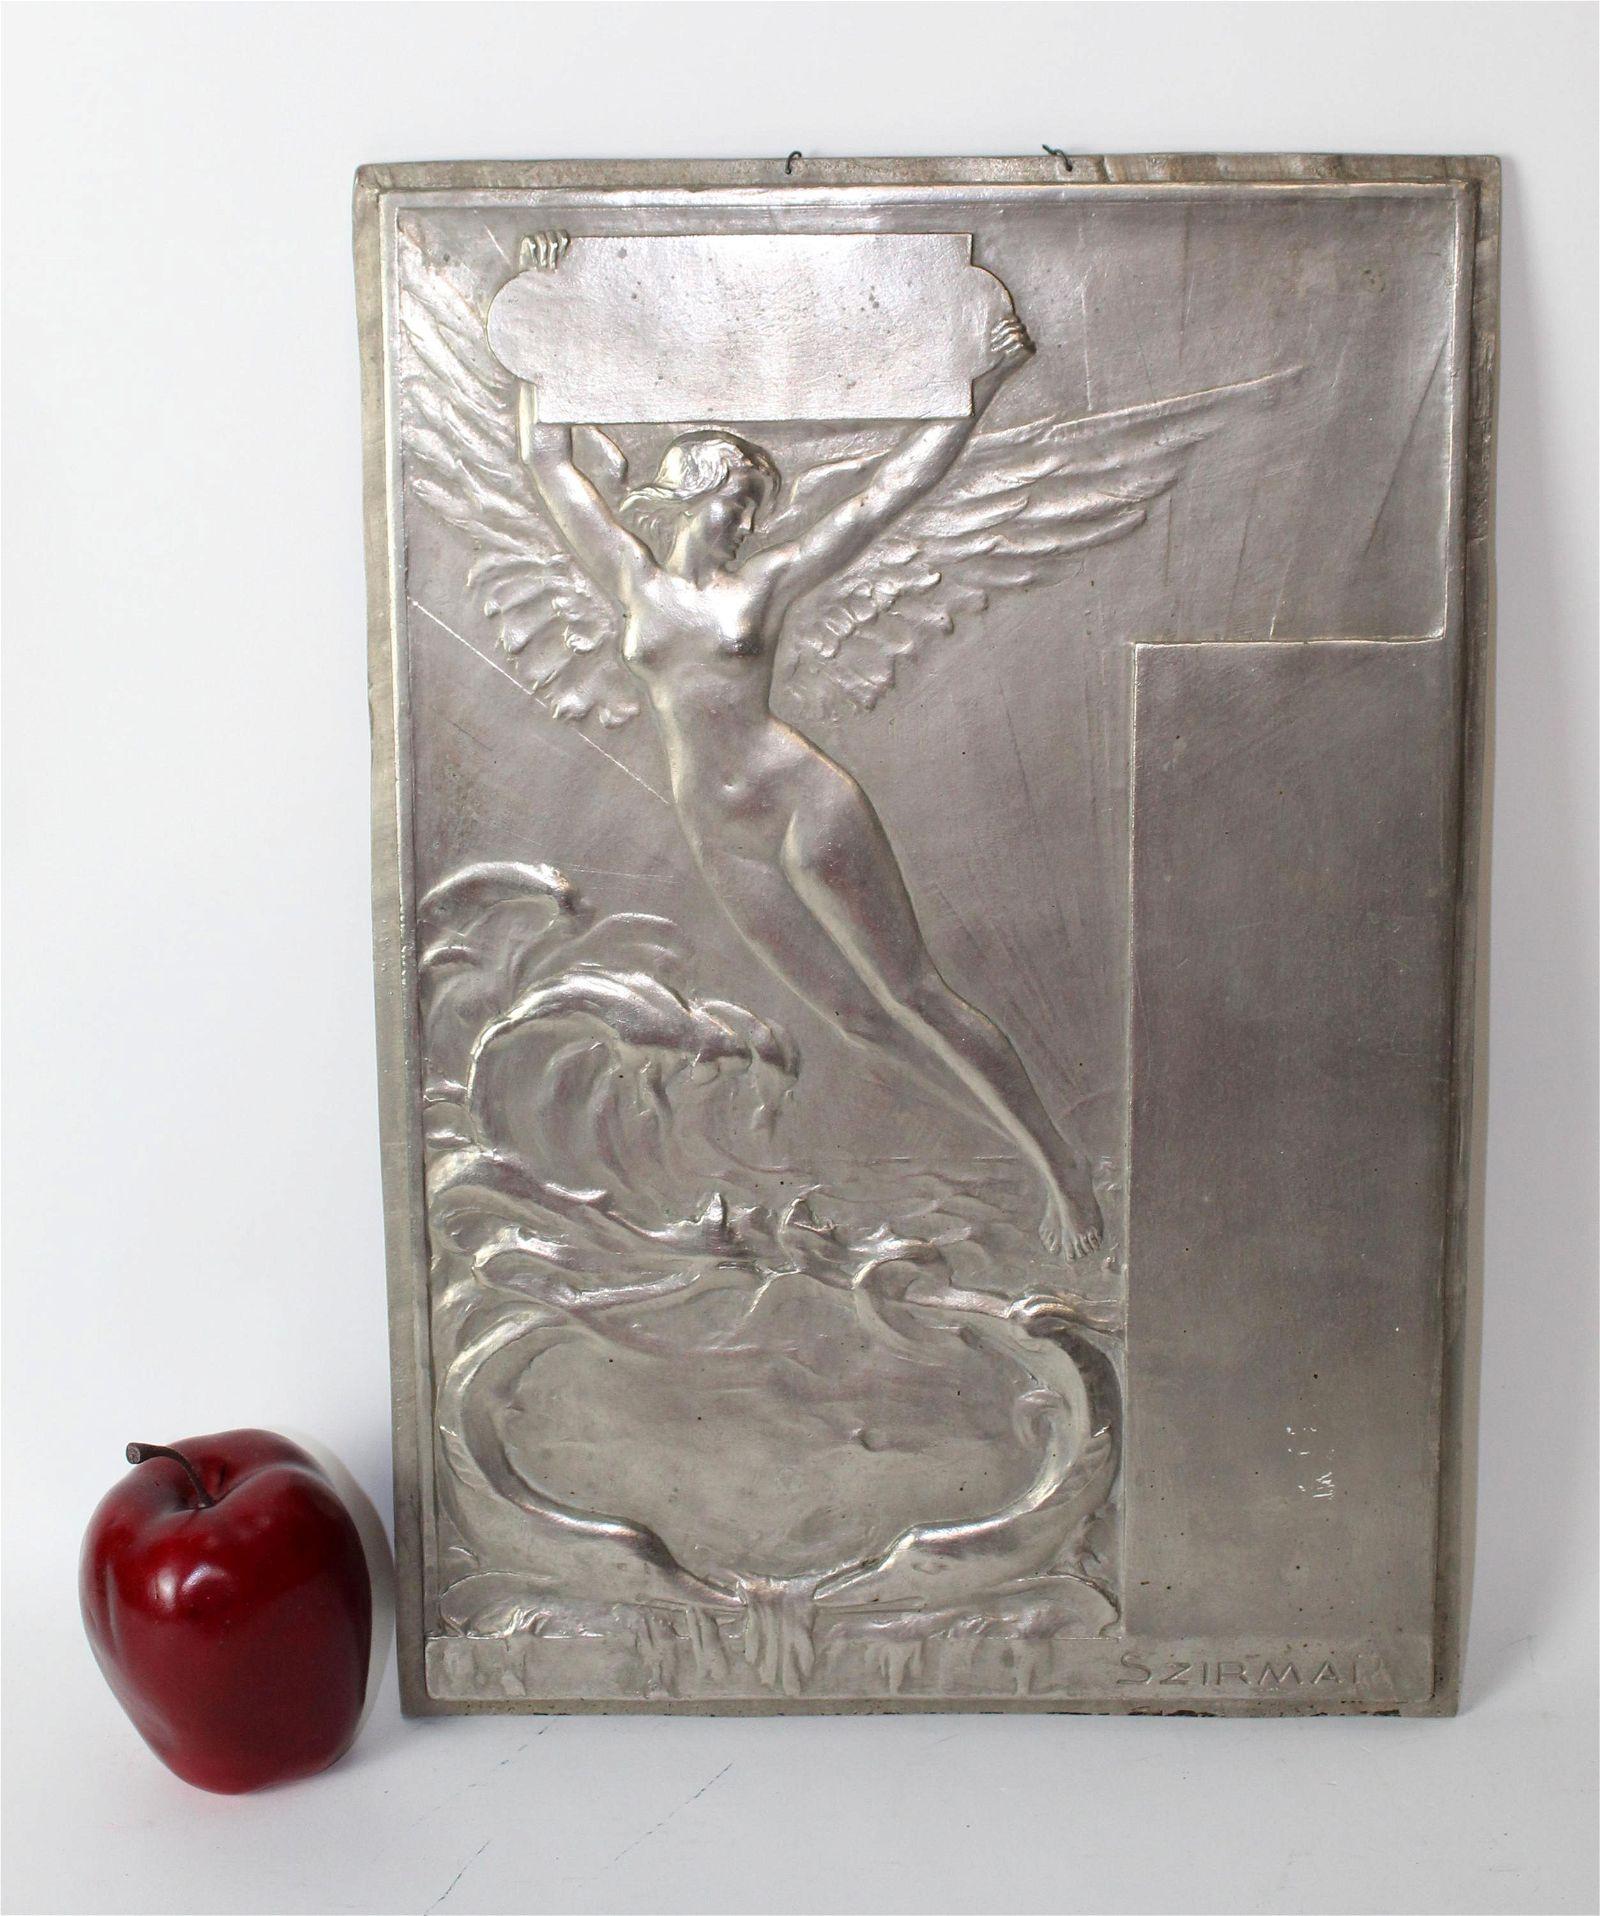 Toni Szirmai Art Nouveau nickel plated bronze plaque